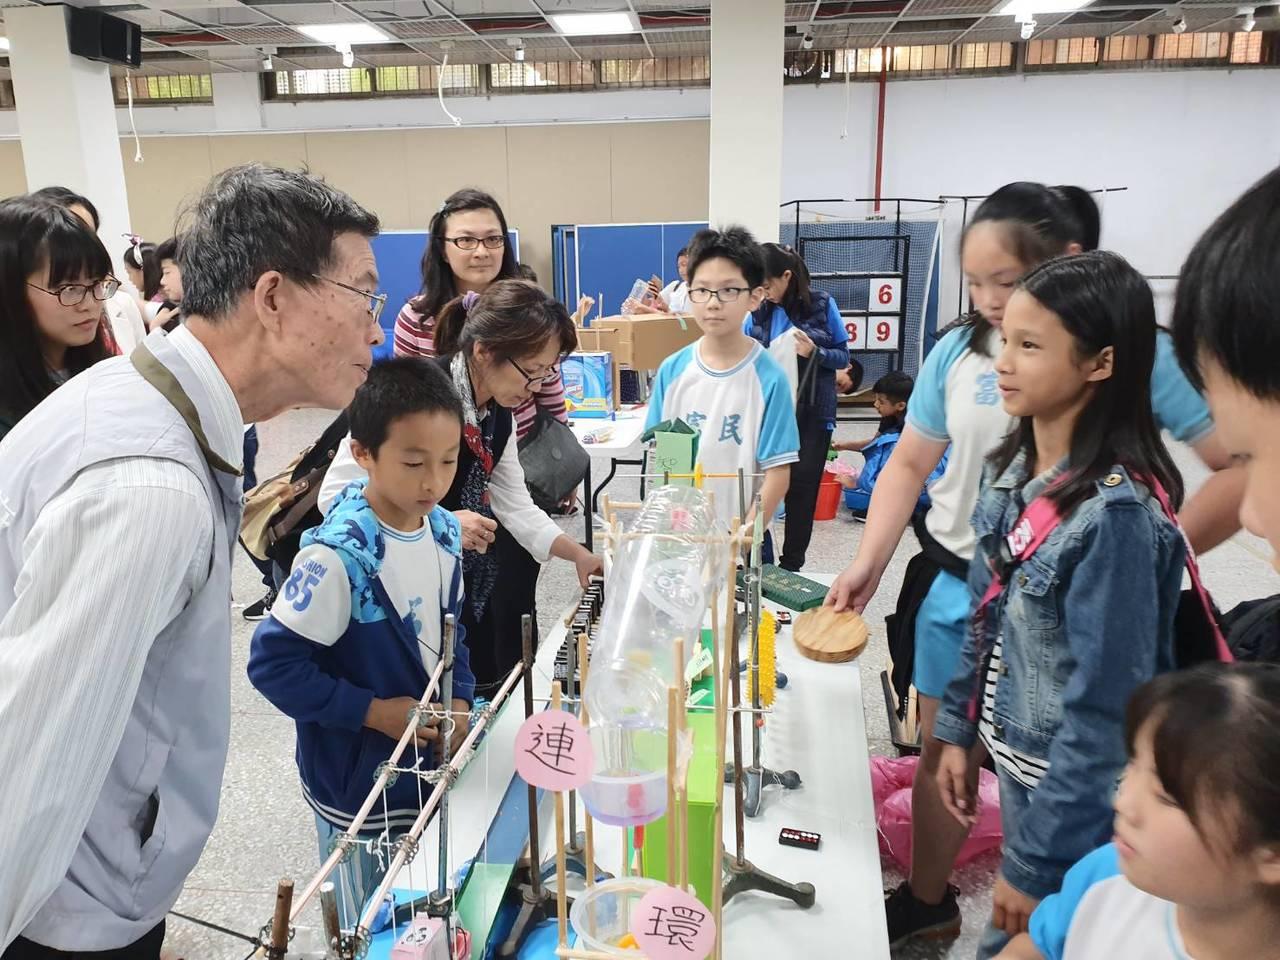 108年度國小奧林匹亞動手玩科學競賽讓學童結合科學與生活,創作巧思讓評審驚豔。圖...